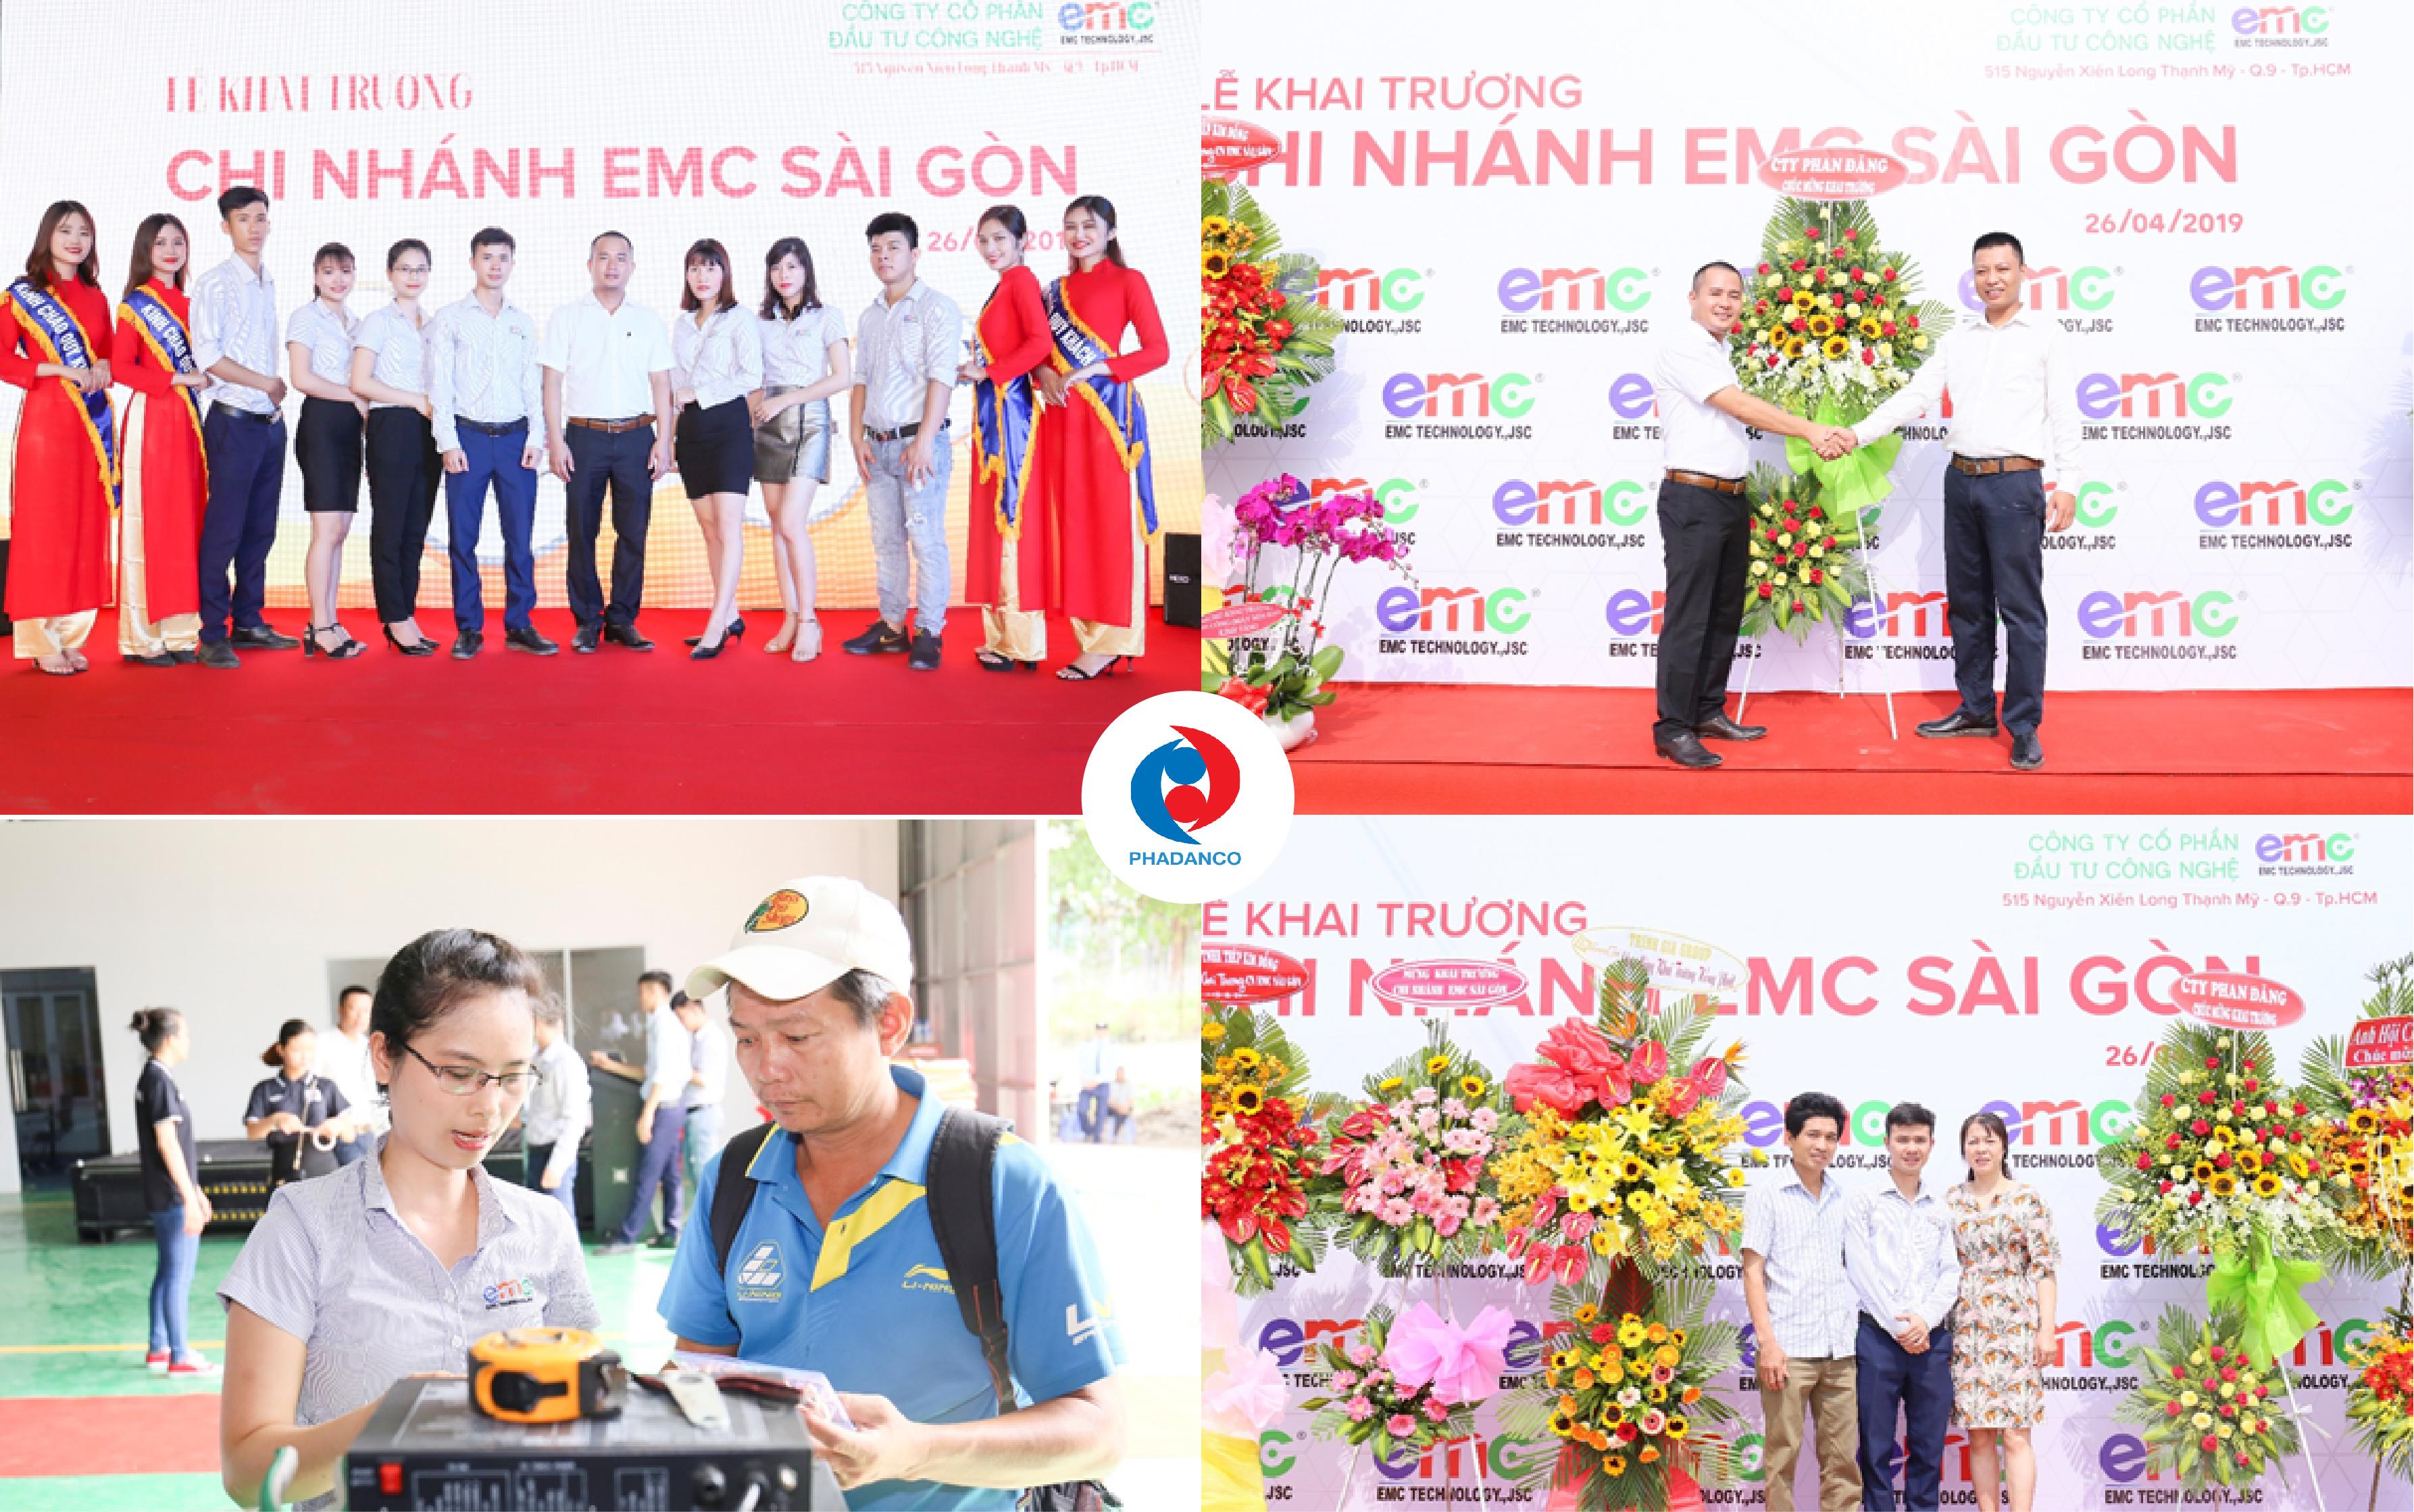 Công ty Truyền Thông Phan Đăng tổ chức lễ khai trương nhà máy EMC